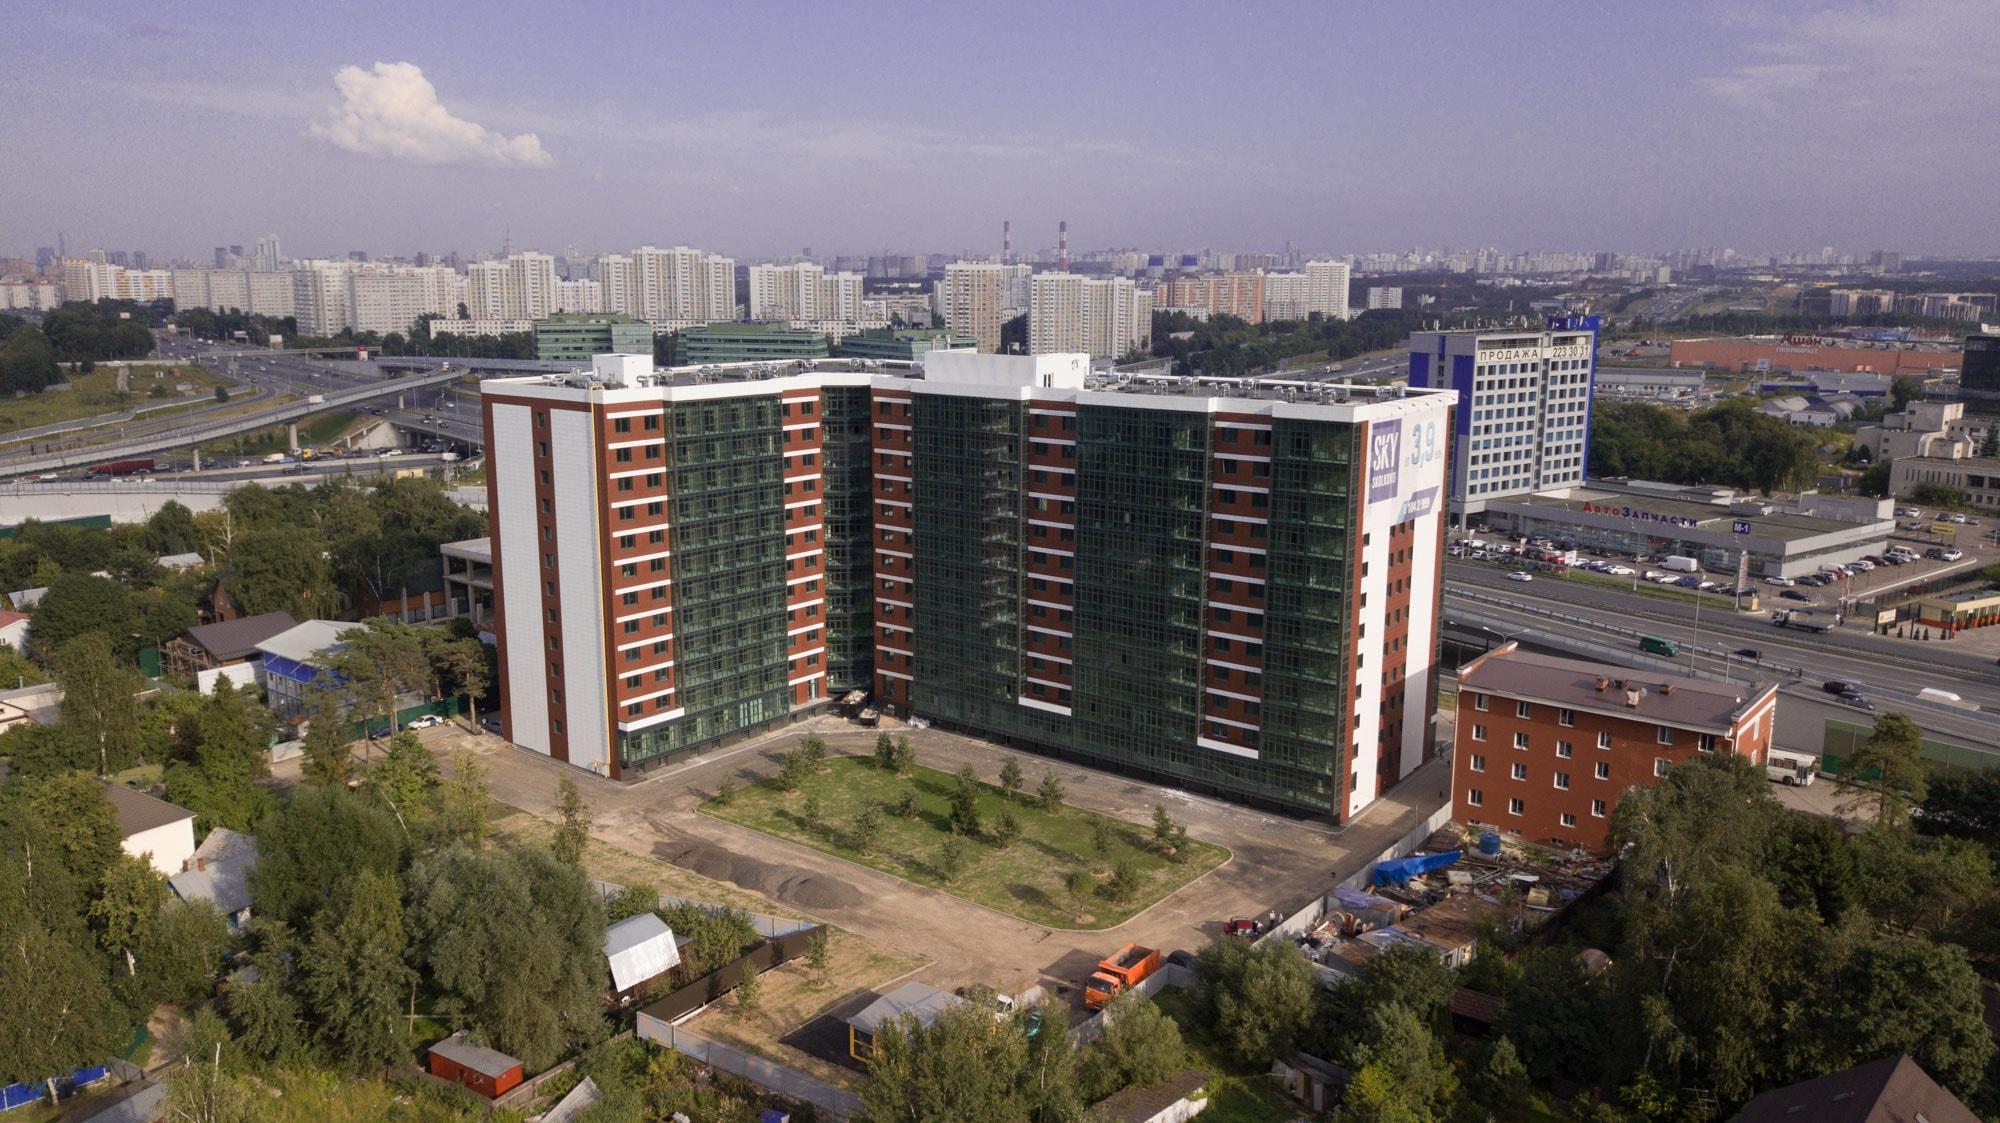 Апартаменты sky skolkovo ипотека покупку недвижимости за рубежом